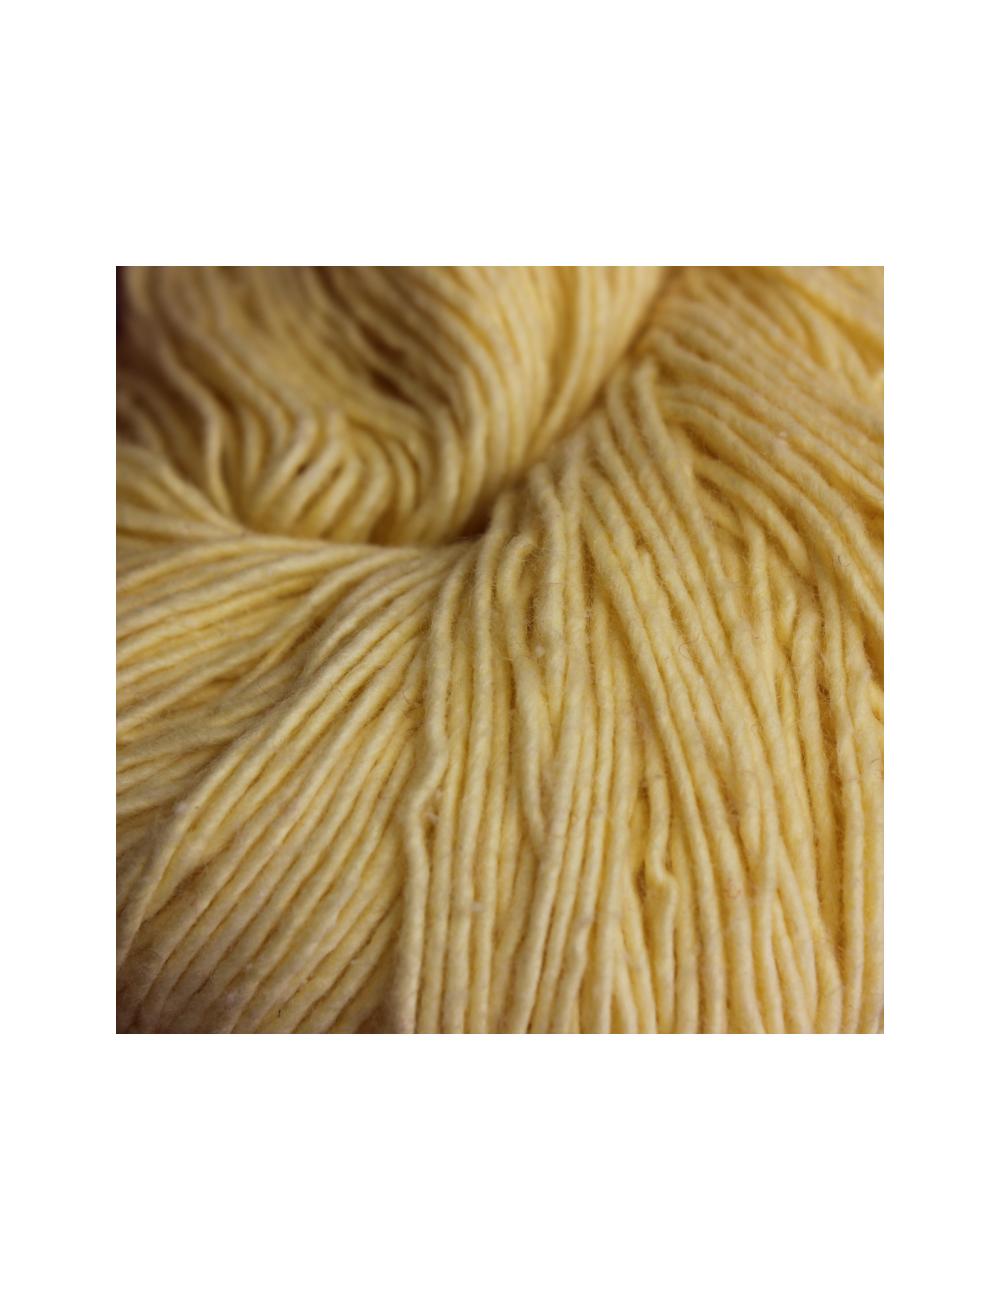 Cobalt Blue-Sari Silk Yarn-Hand Spun - SYBW006